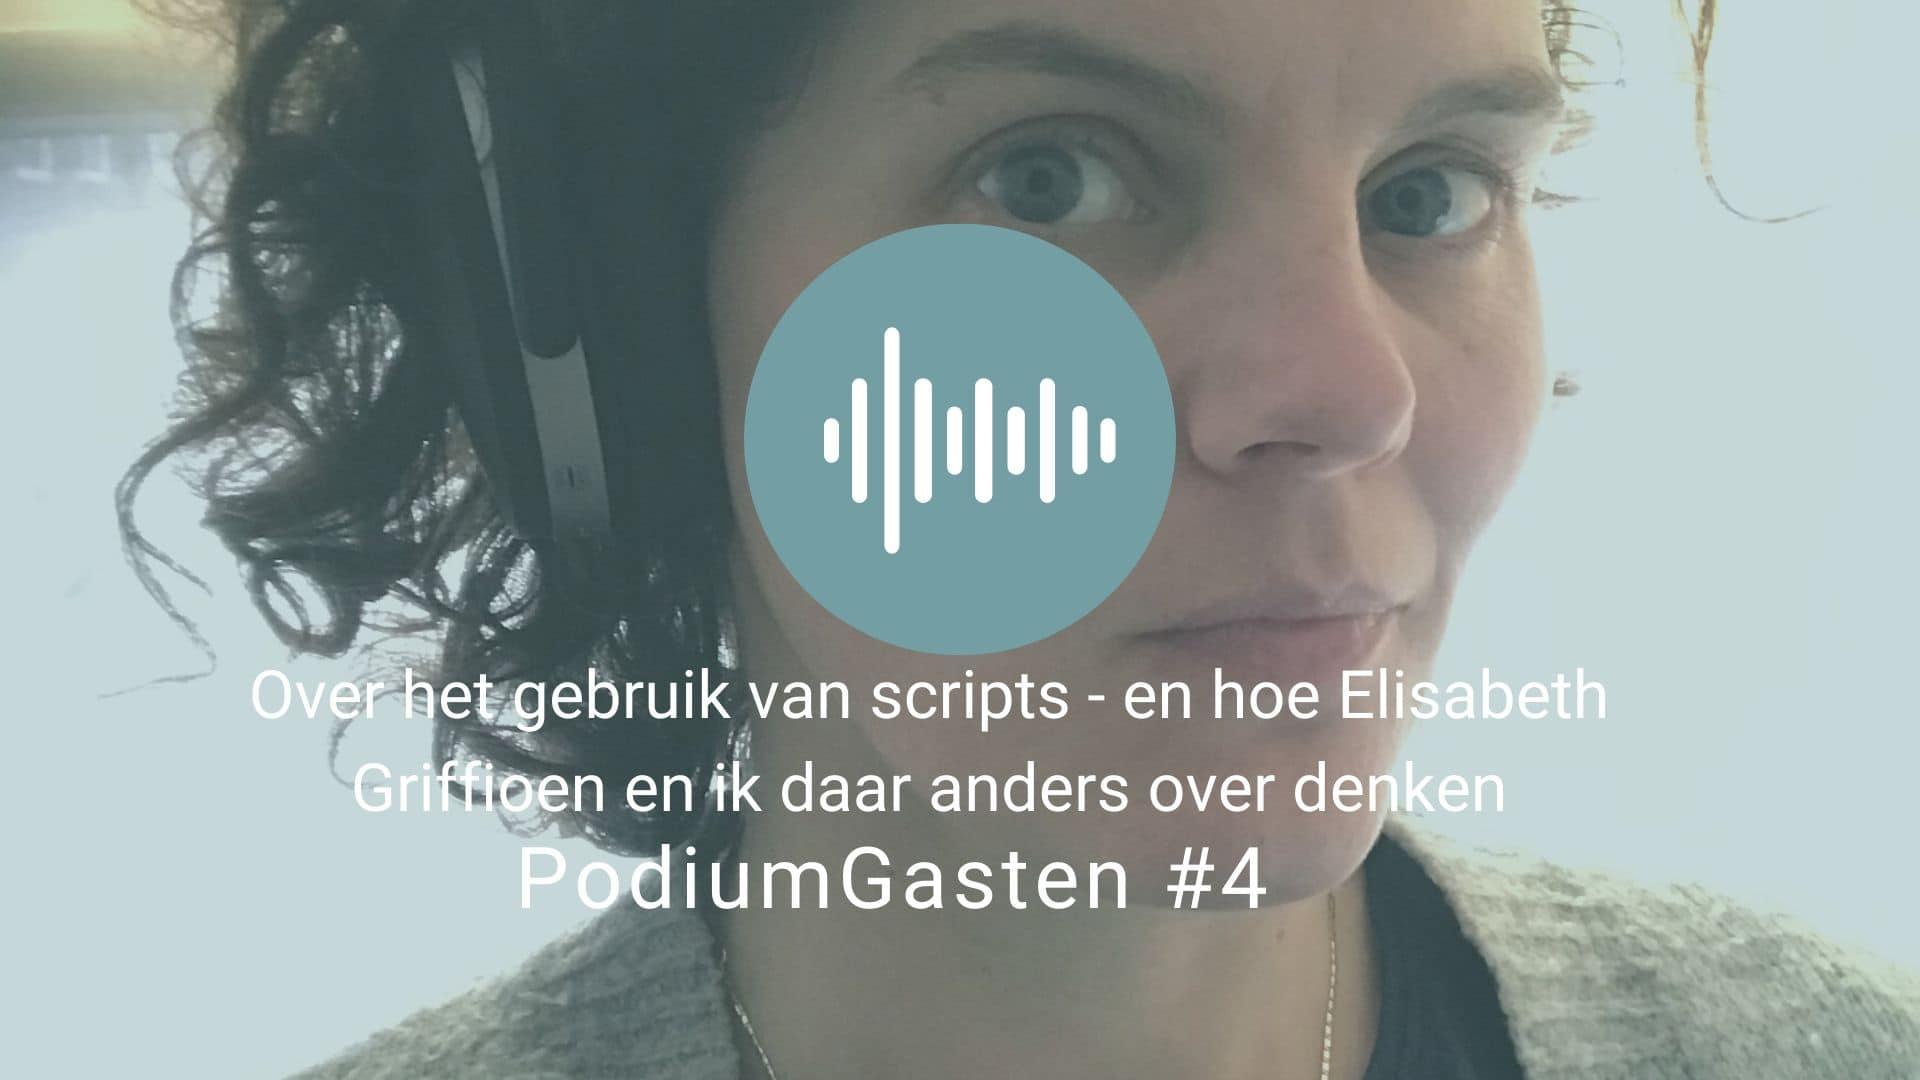 Over scripts en hoe Elisabeth en ik daar anders over denken.